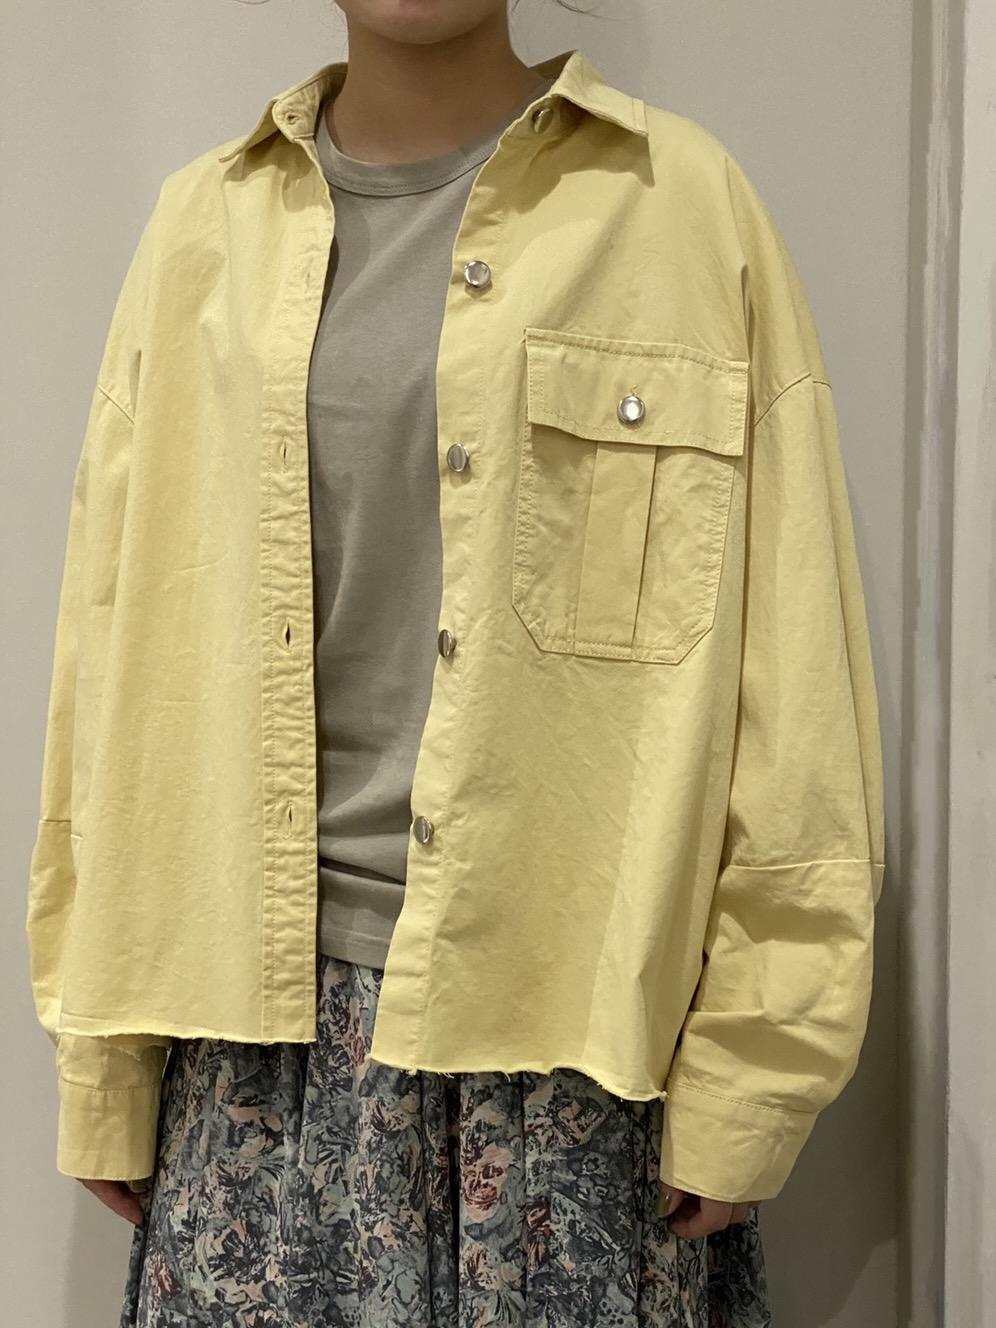 Work cut-off shirt jacket